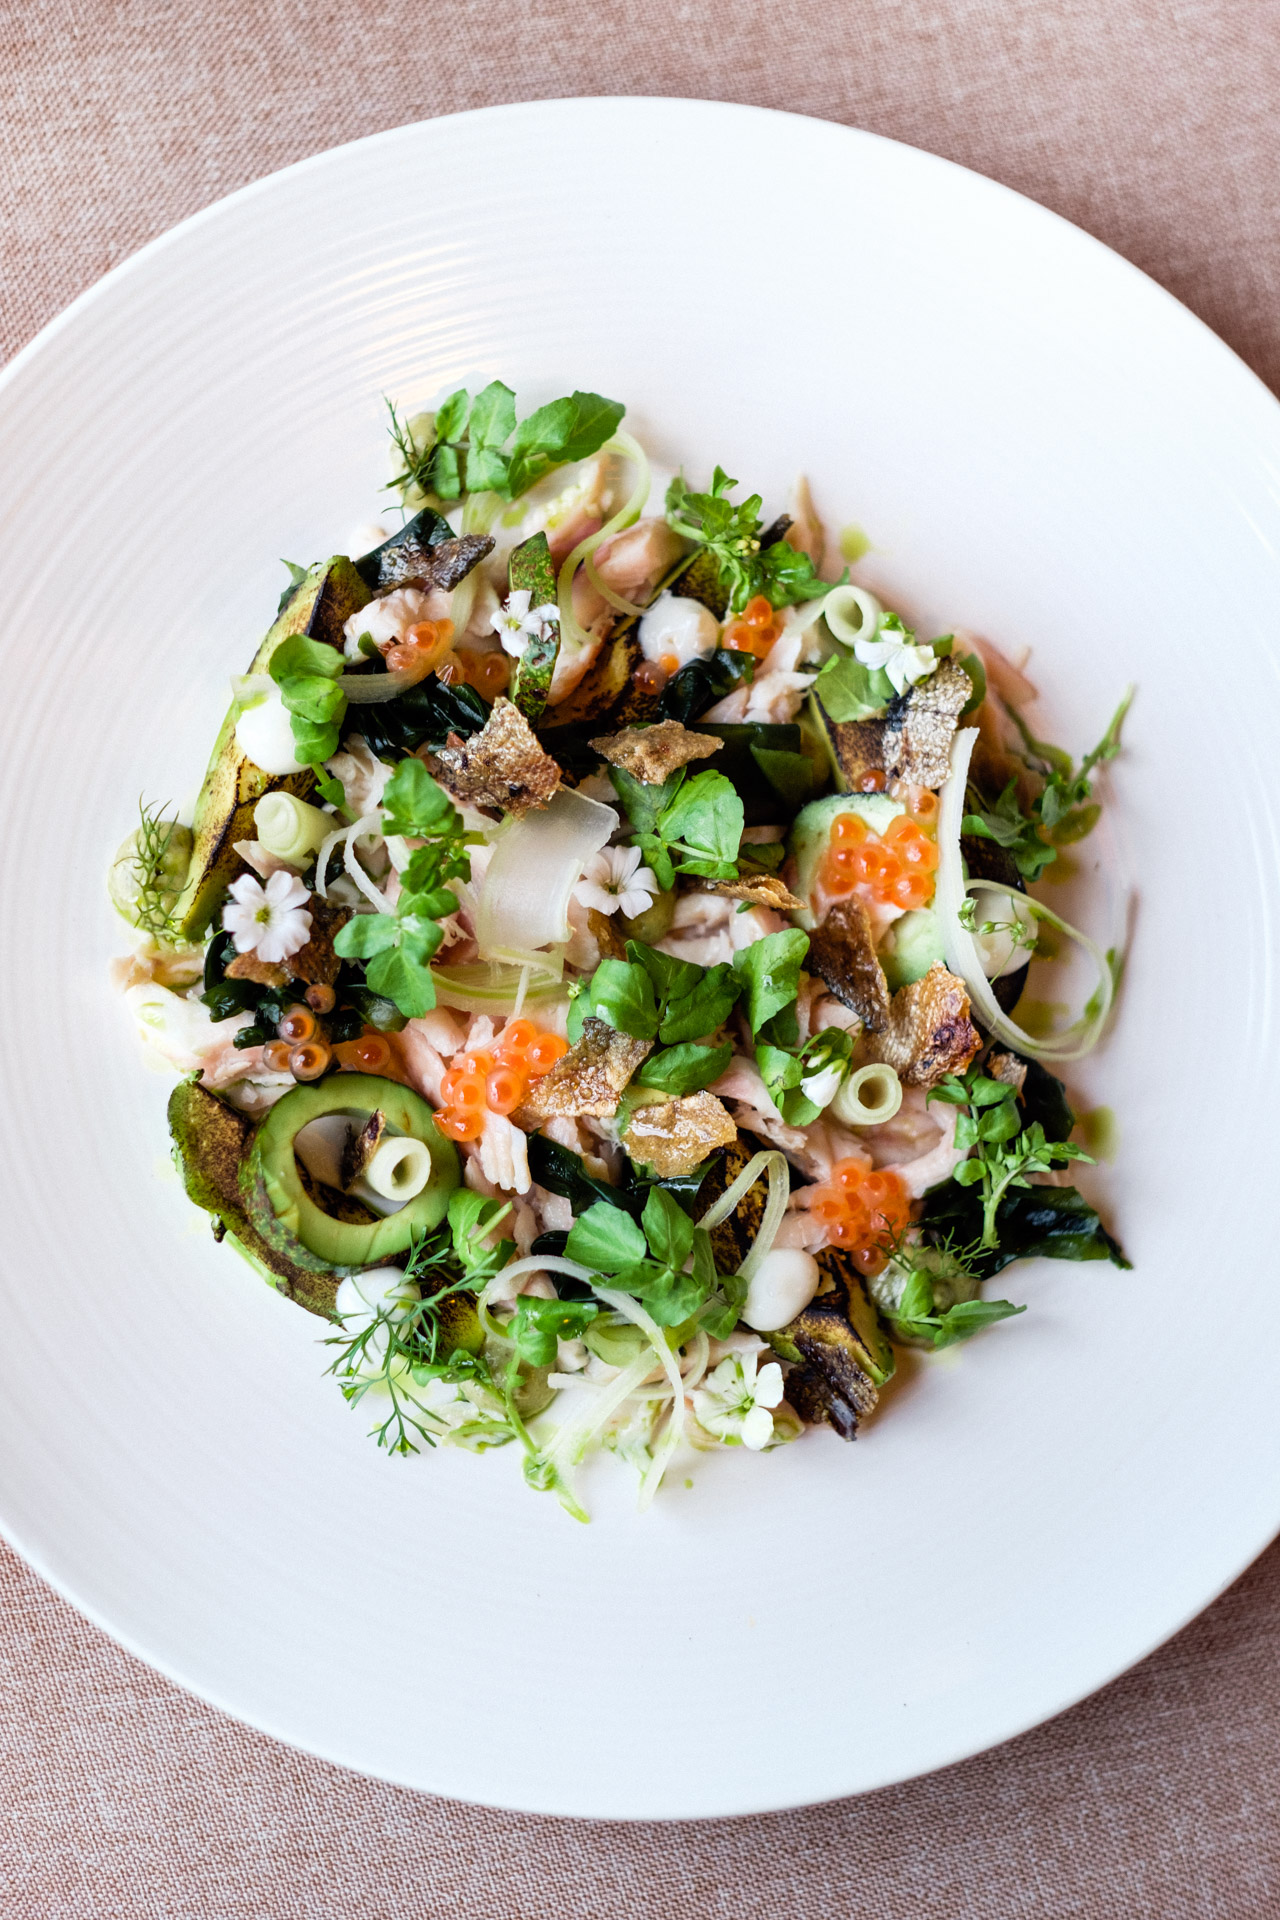 Trucha Serrana Ahumada, aguacate, apio, hinojo, hueva de pescado, y alcaparras // Smoked Trout salad, heirloom avocado, celery, fish roe, fennel and capers